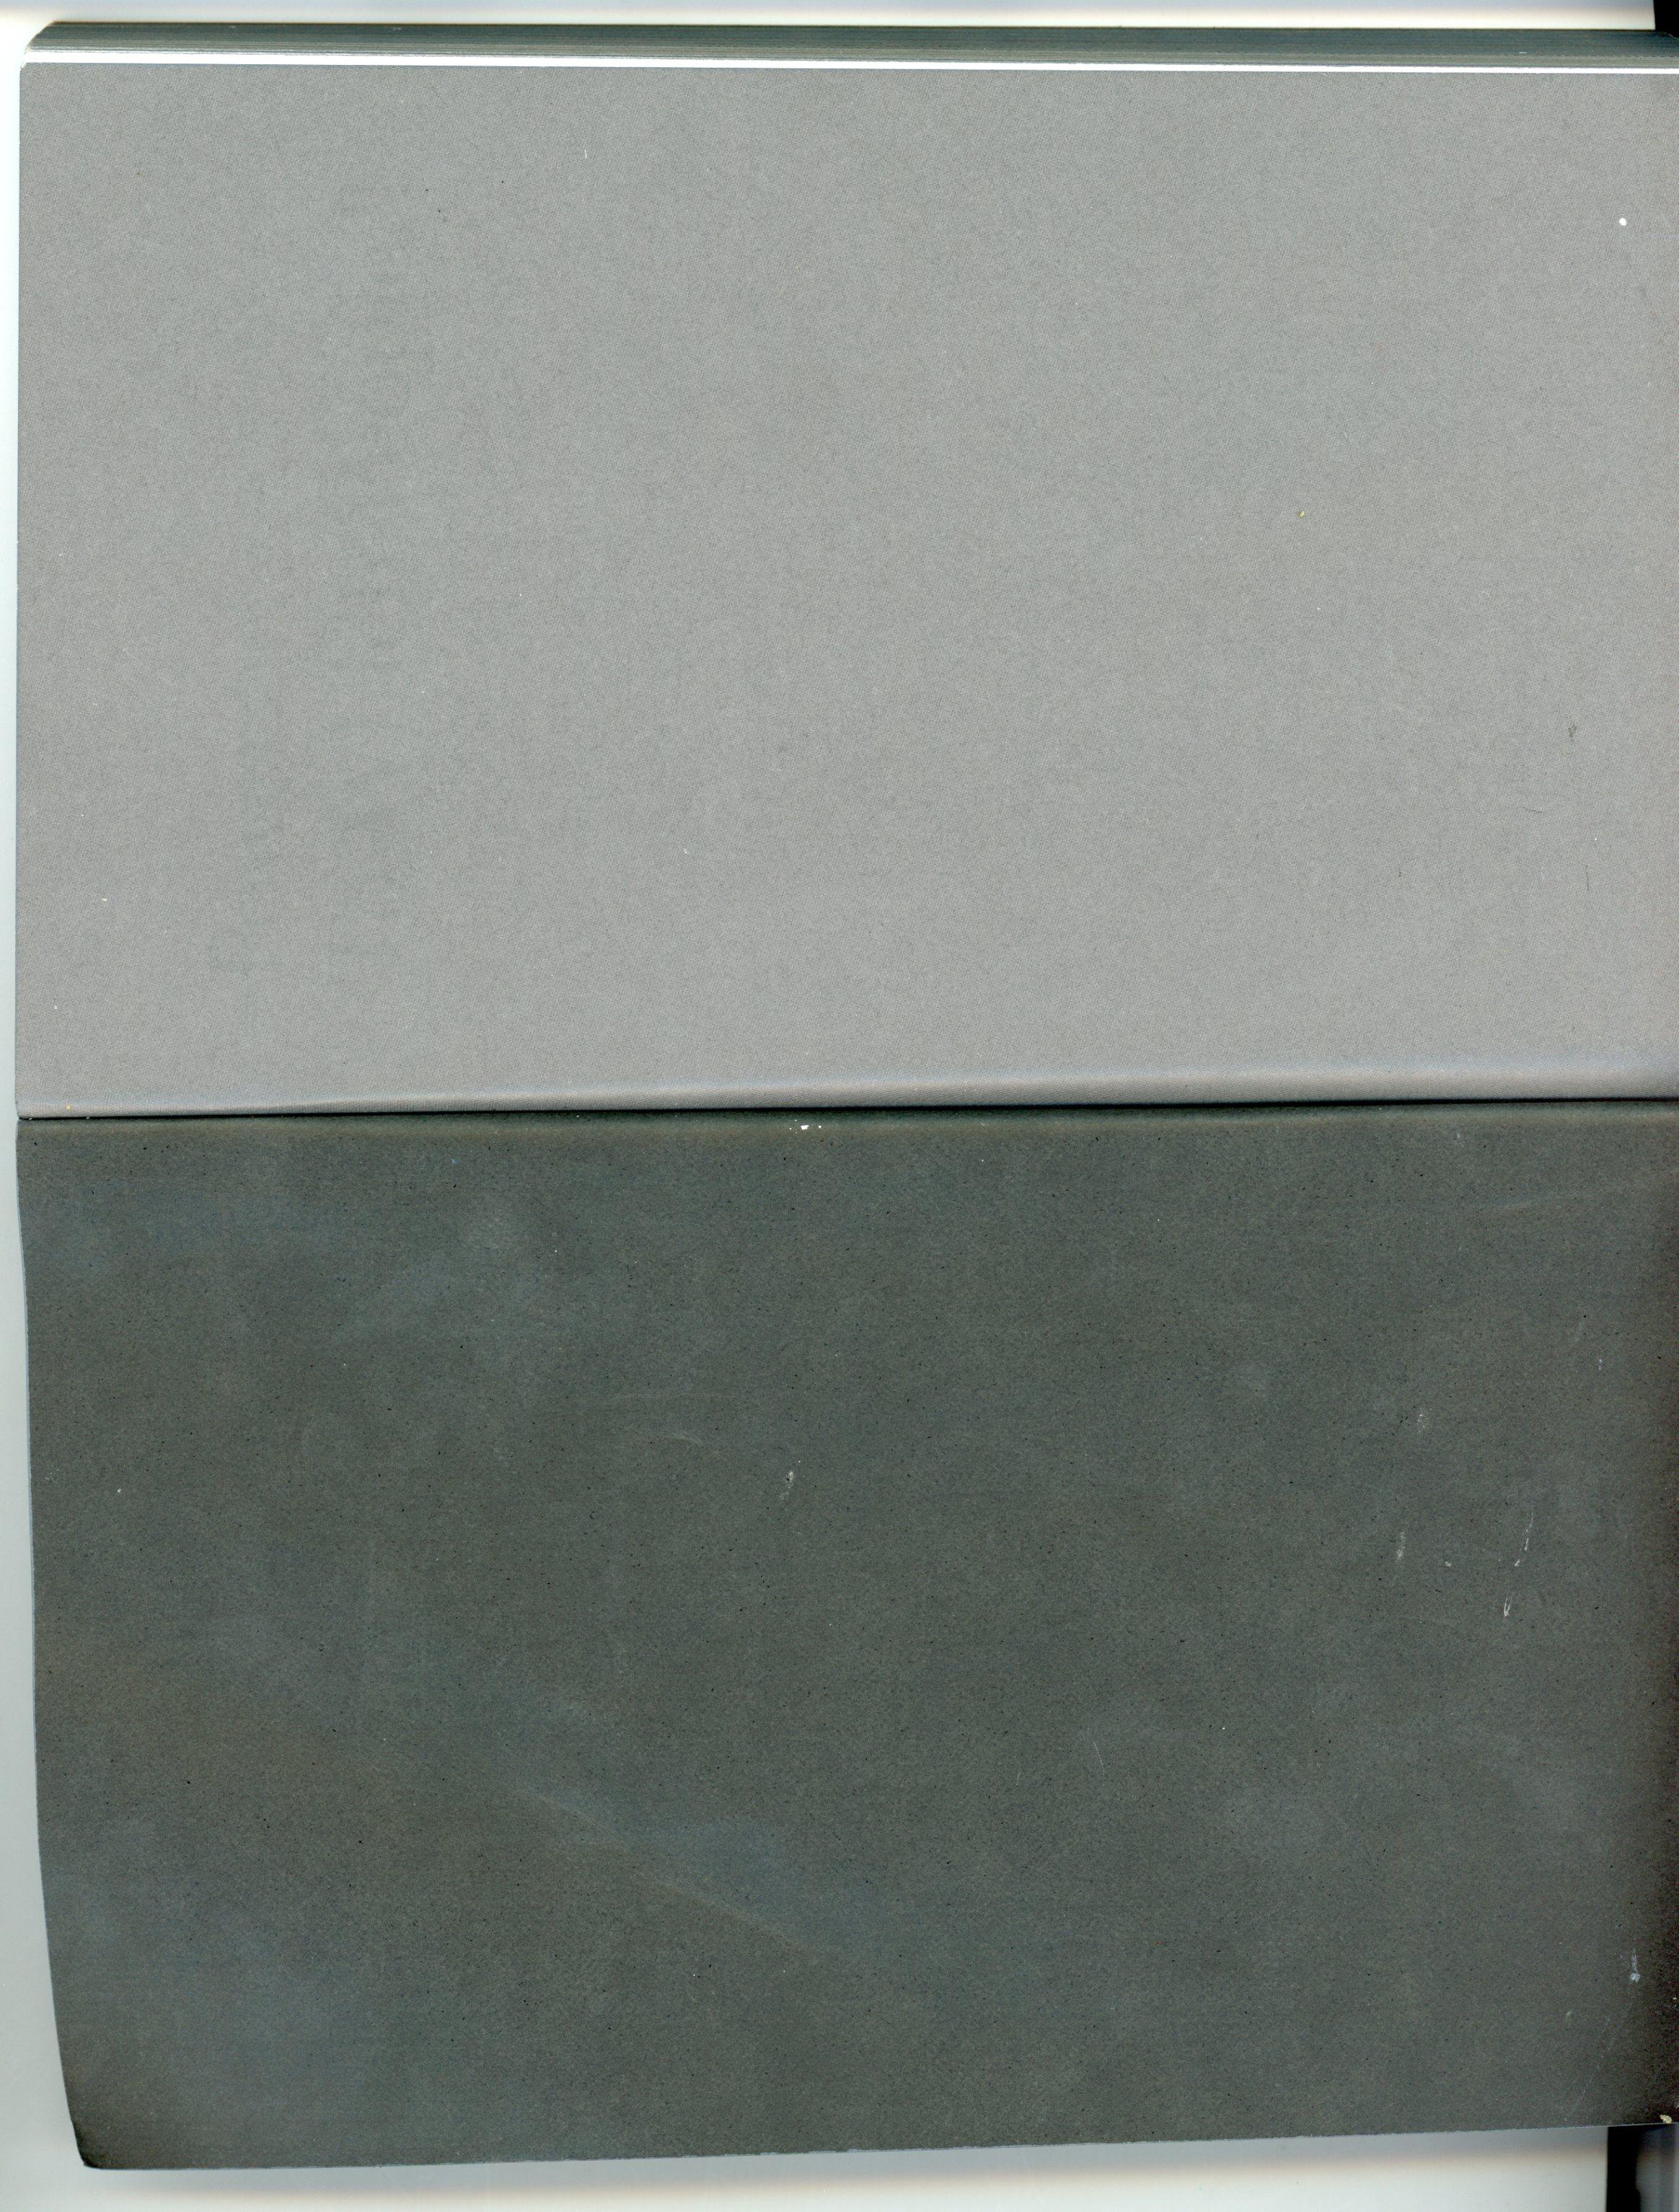 Adidas Dragon Grey Material Comforts Men Green Shorts